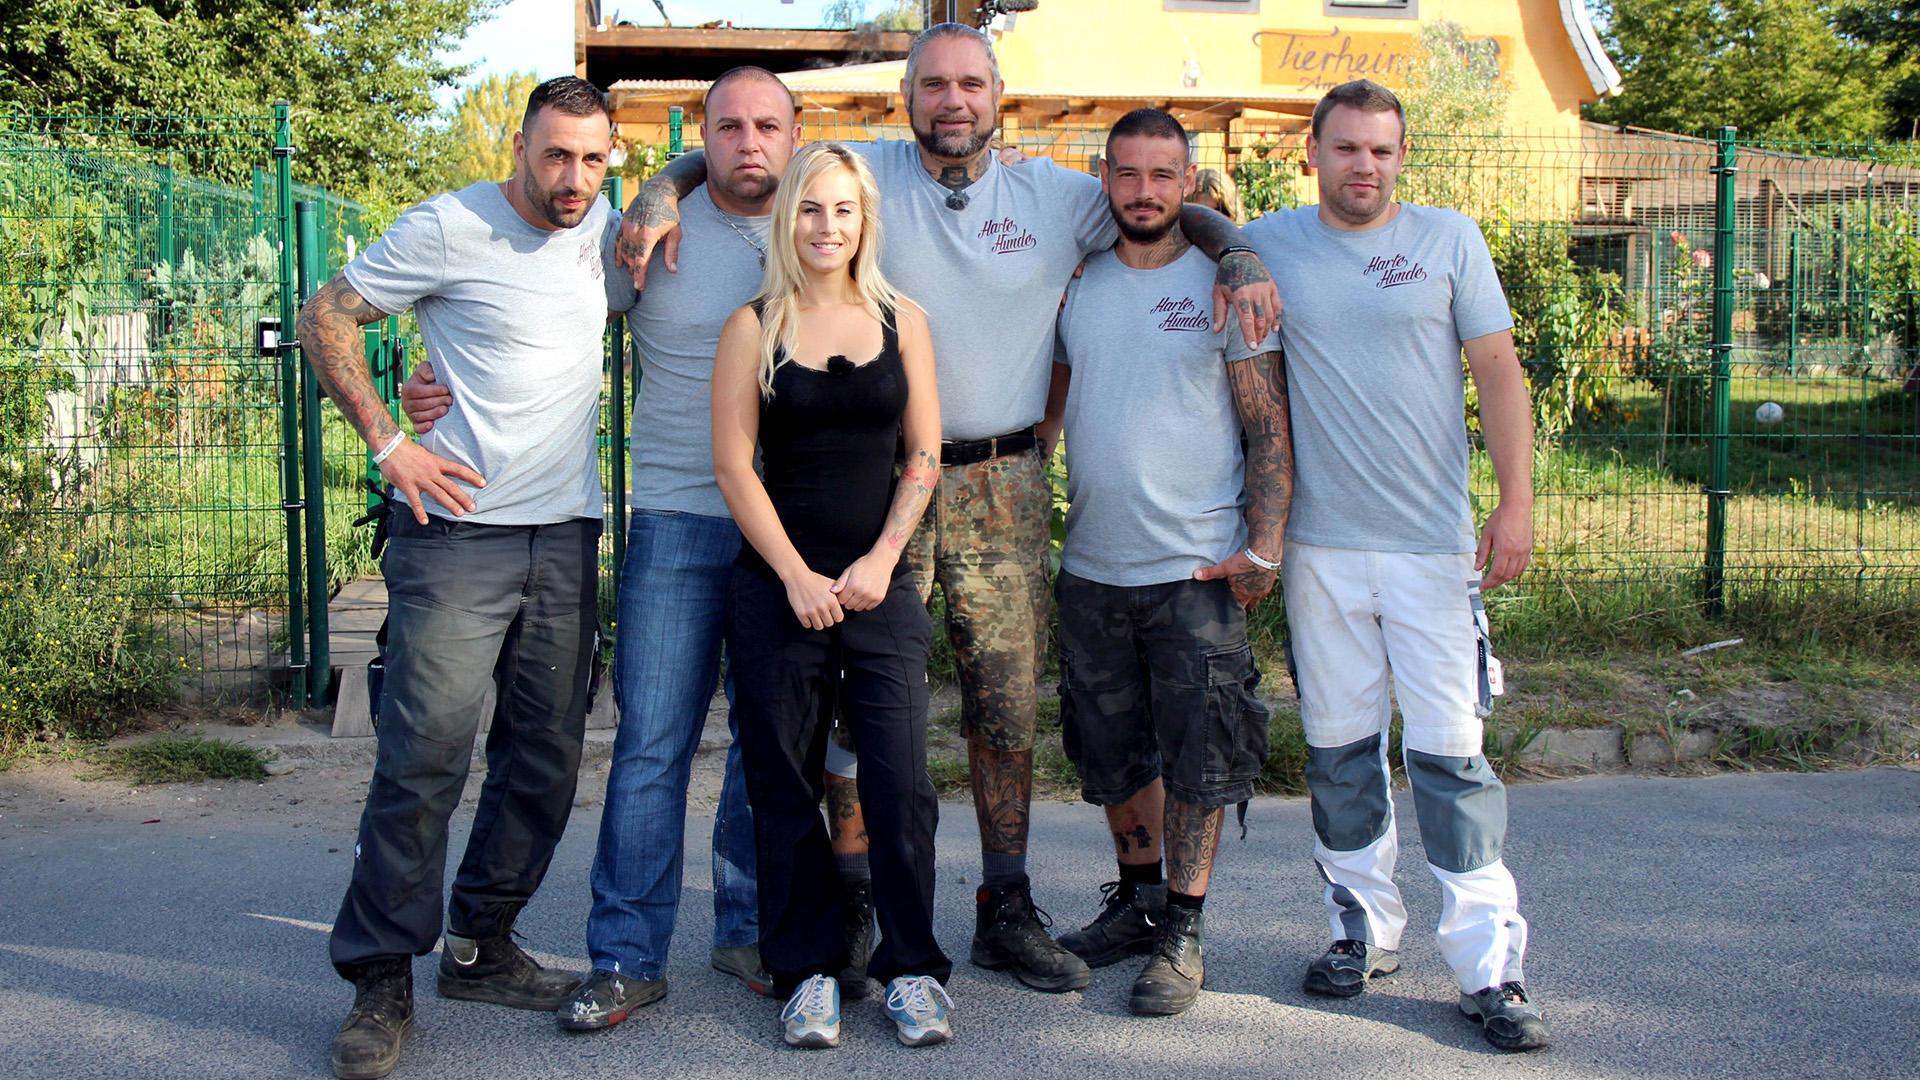 Heute u.a.: Jana betreibt in Eisenhüttenstadt ein Tierheim | Folge 1